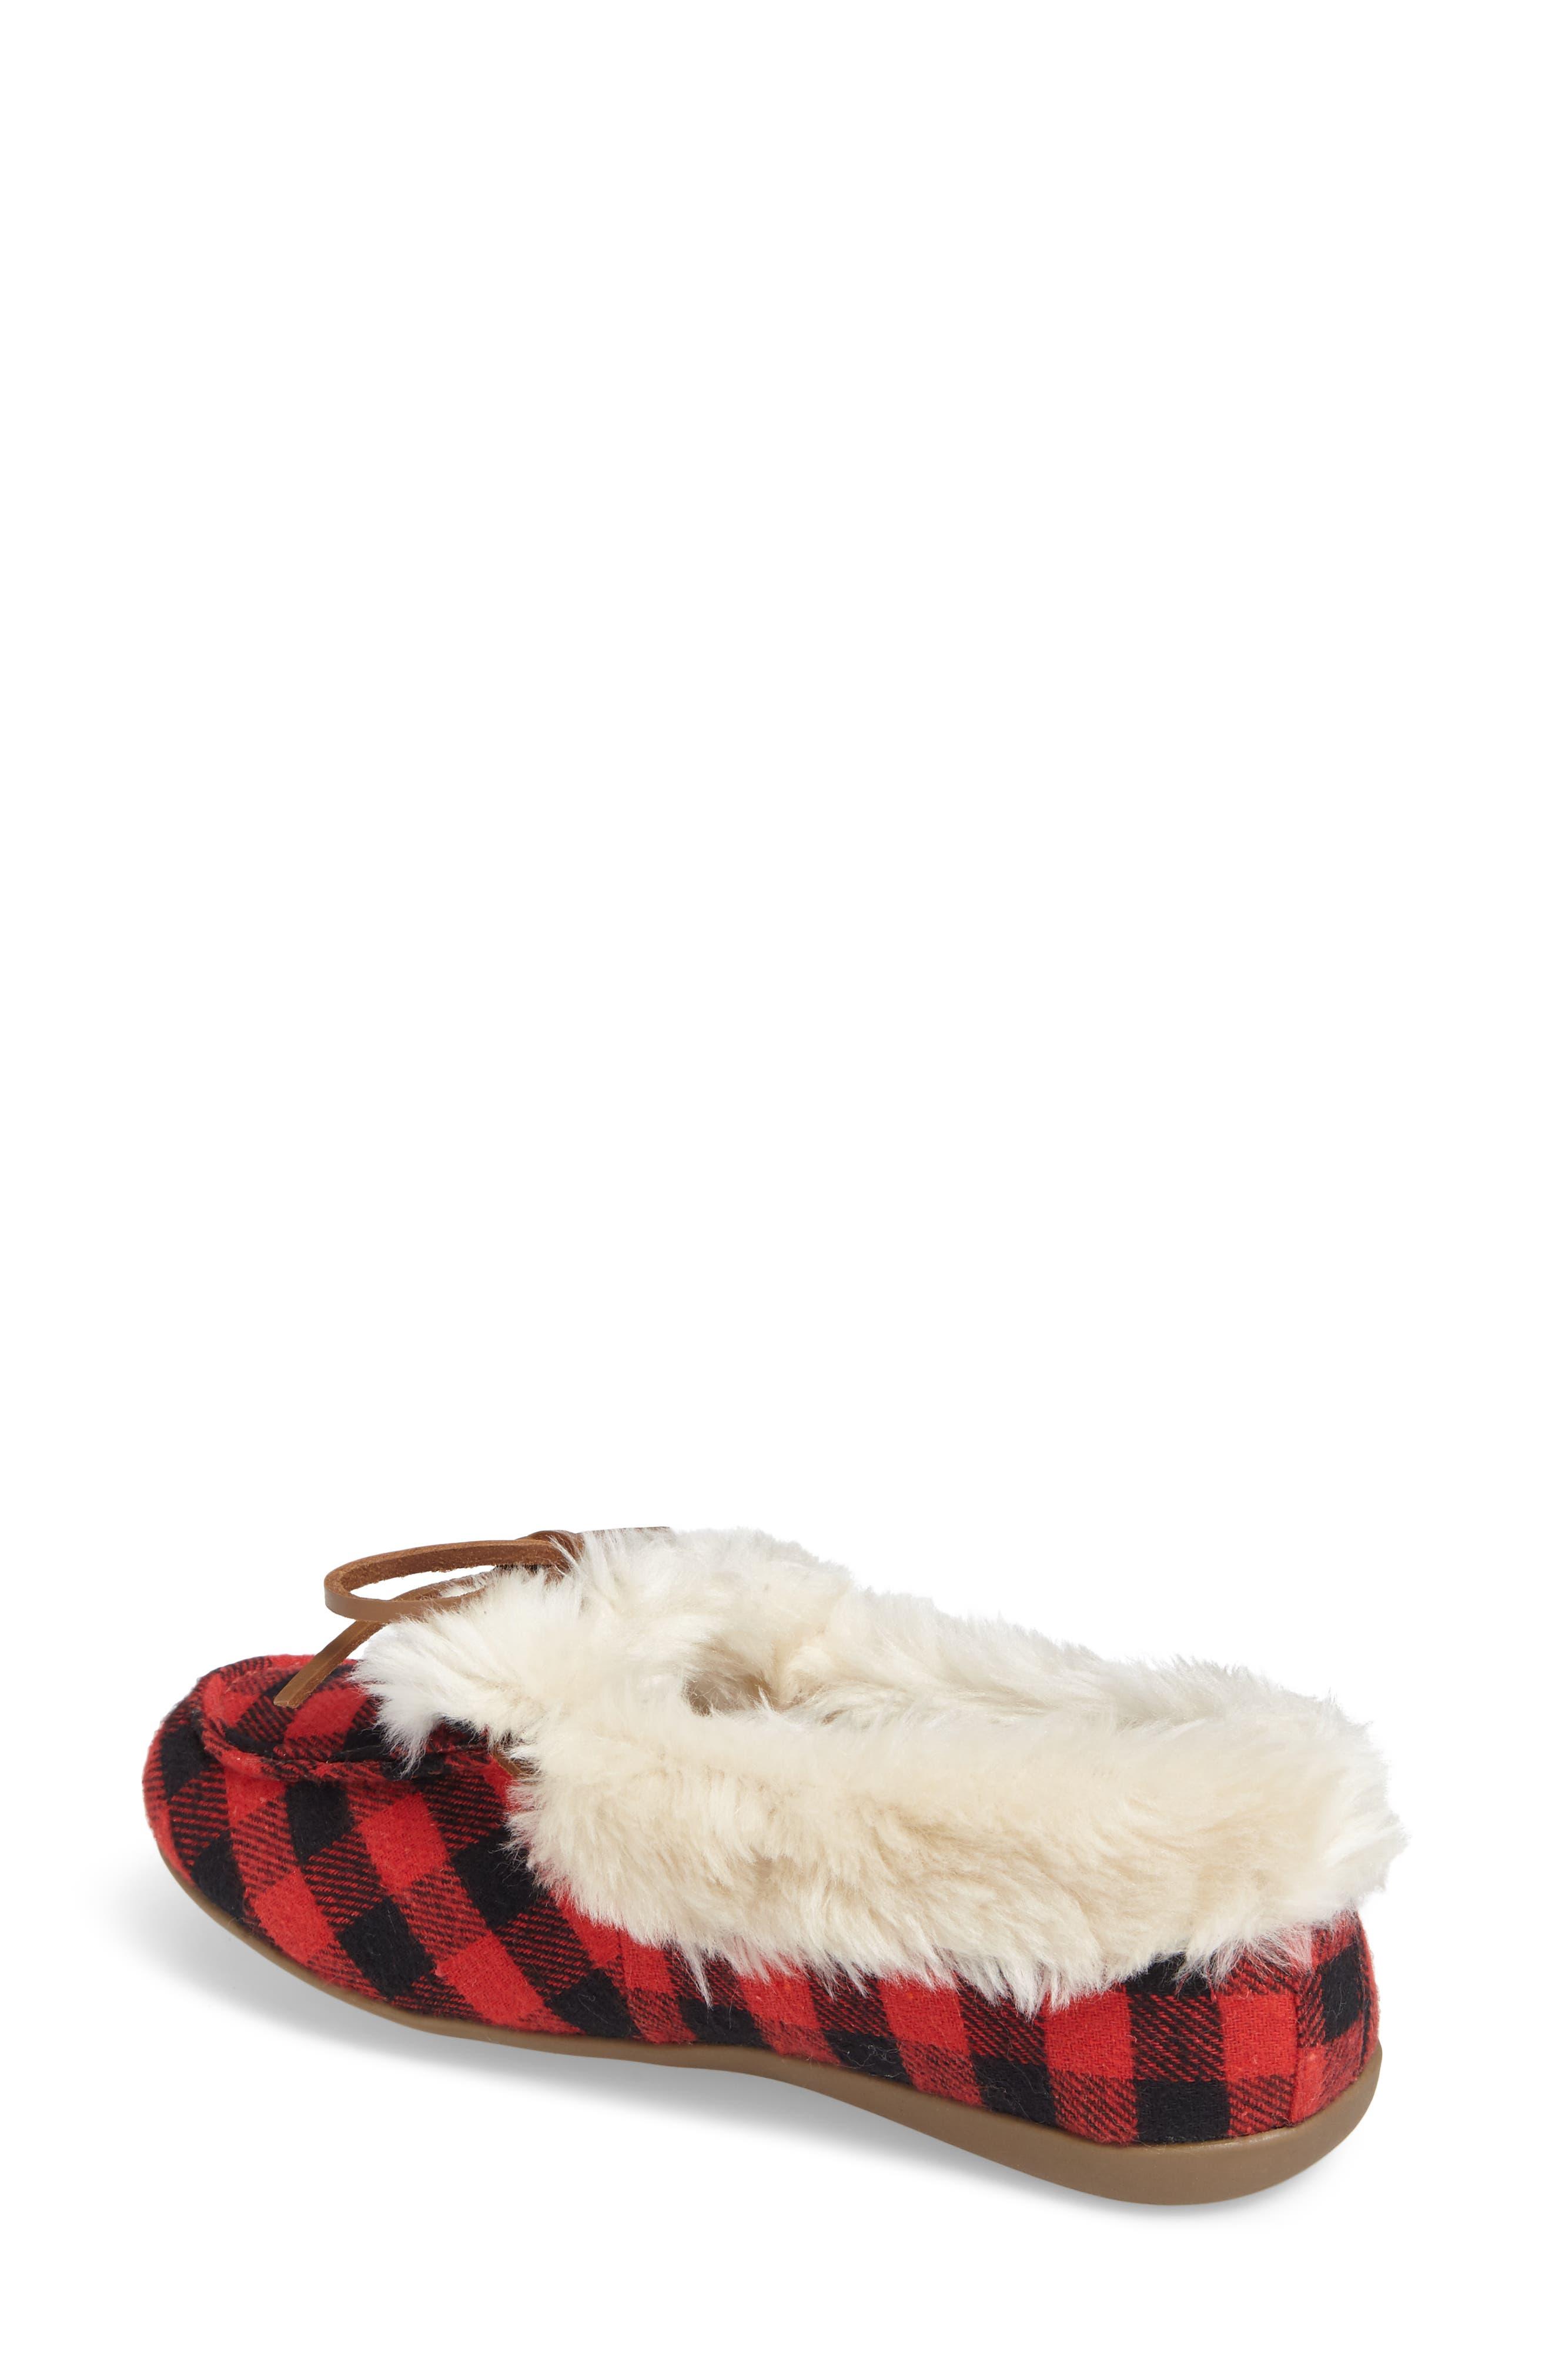 Alternate Image 2  - Vionic Juniper Faux Fur Slipper (Women)